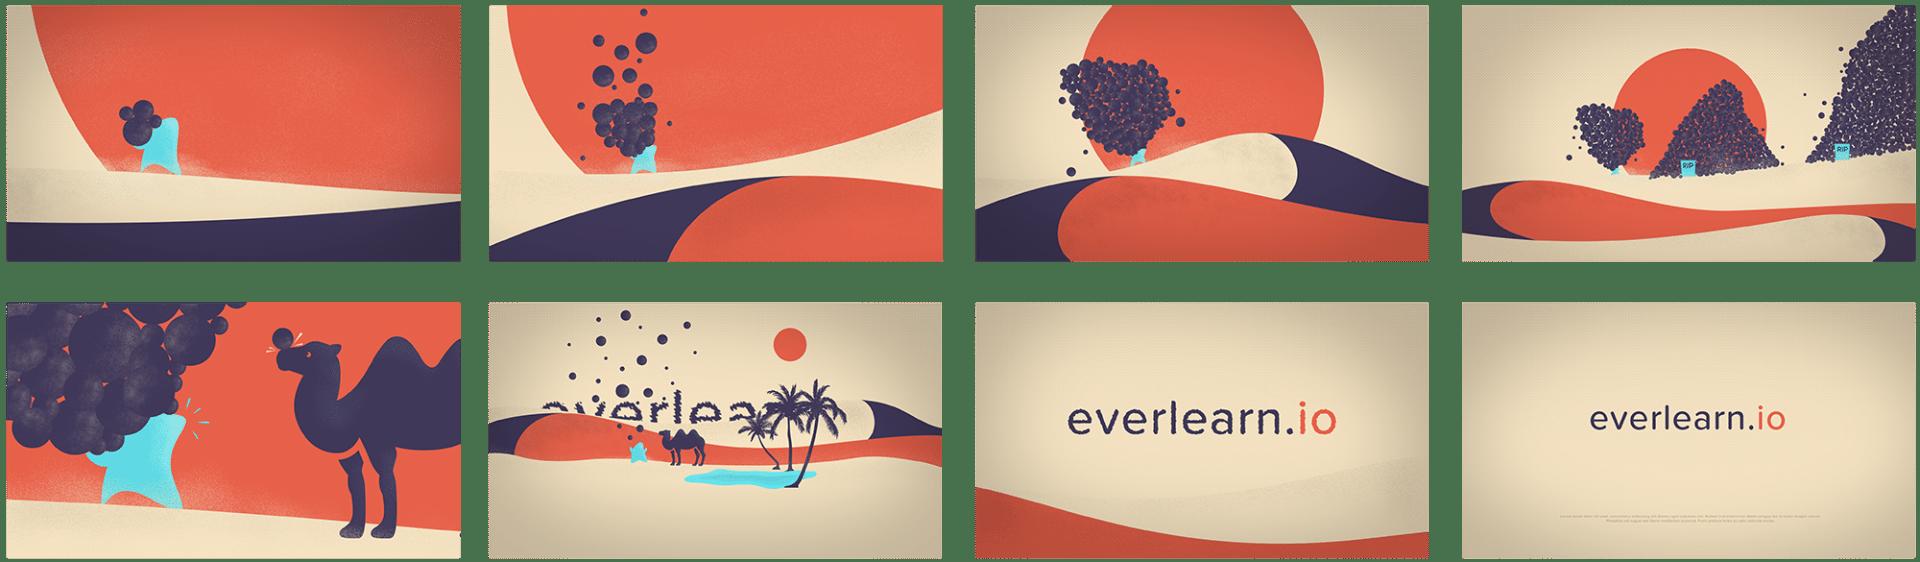 Storyboard de l'animation d'une publicité Everlearn.io réalisée pour Design Bootcamp